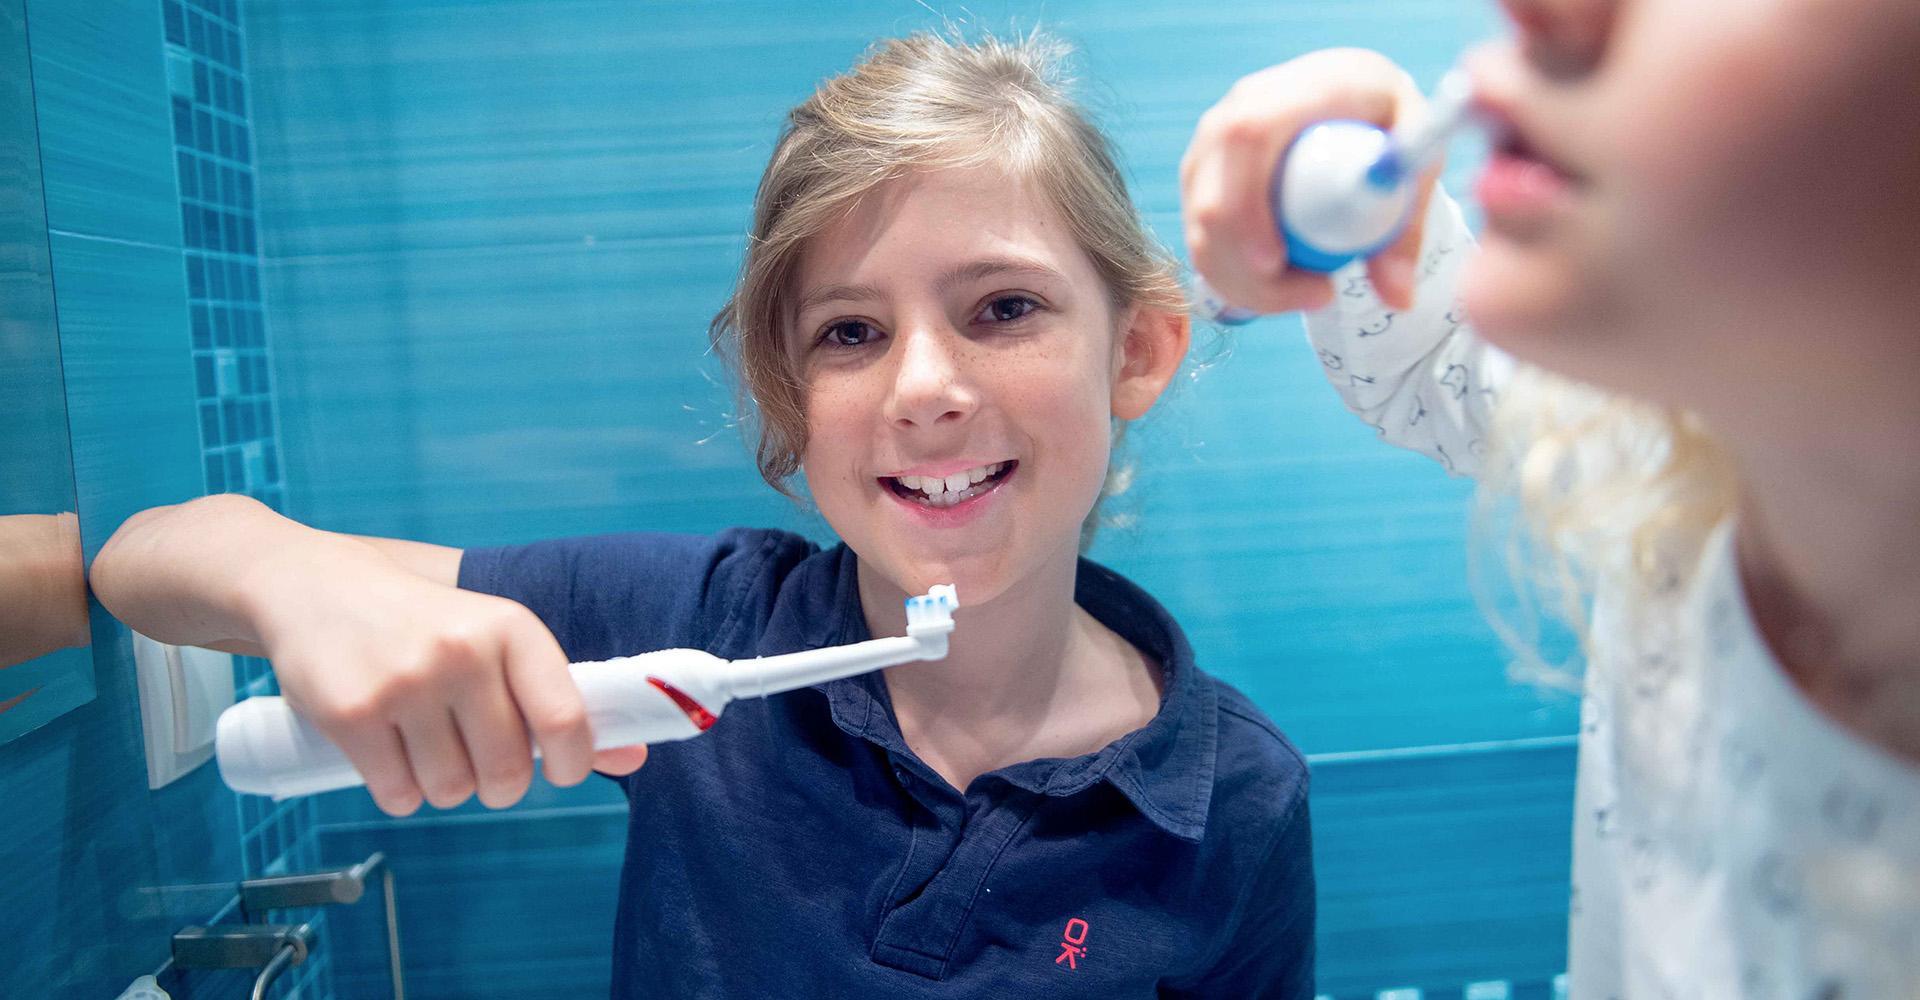 Małe dziecko u dentysty – jak przygotować je do wizyty?